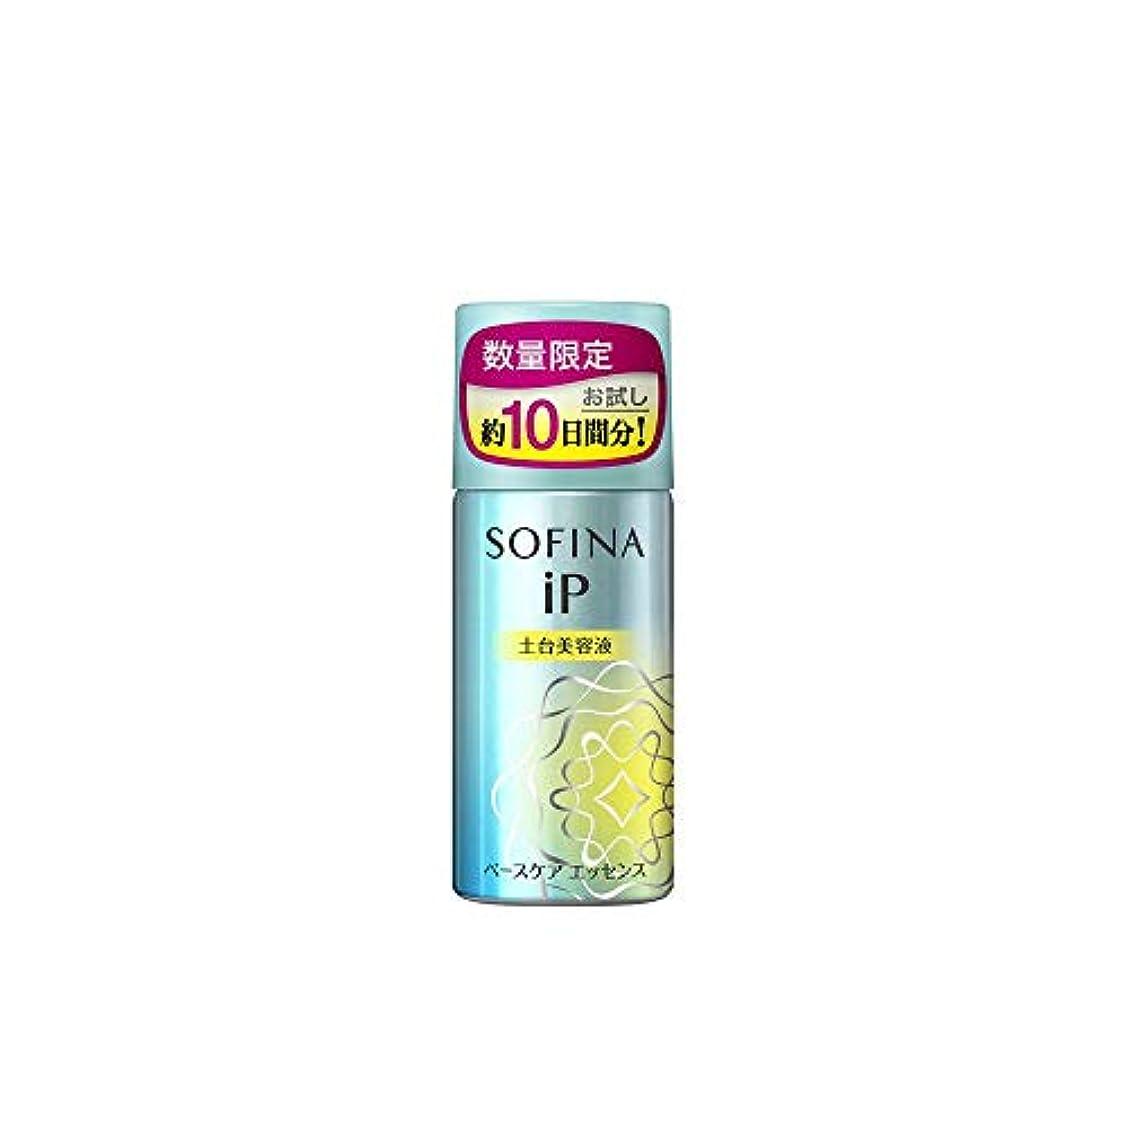 パンツ政治家飲食店ソフィーナ iP(アイピー) ベースケア エッセンス 30g 土台美容液